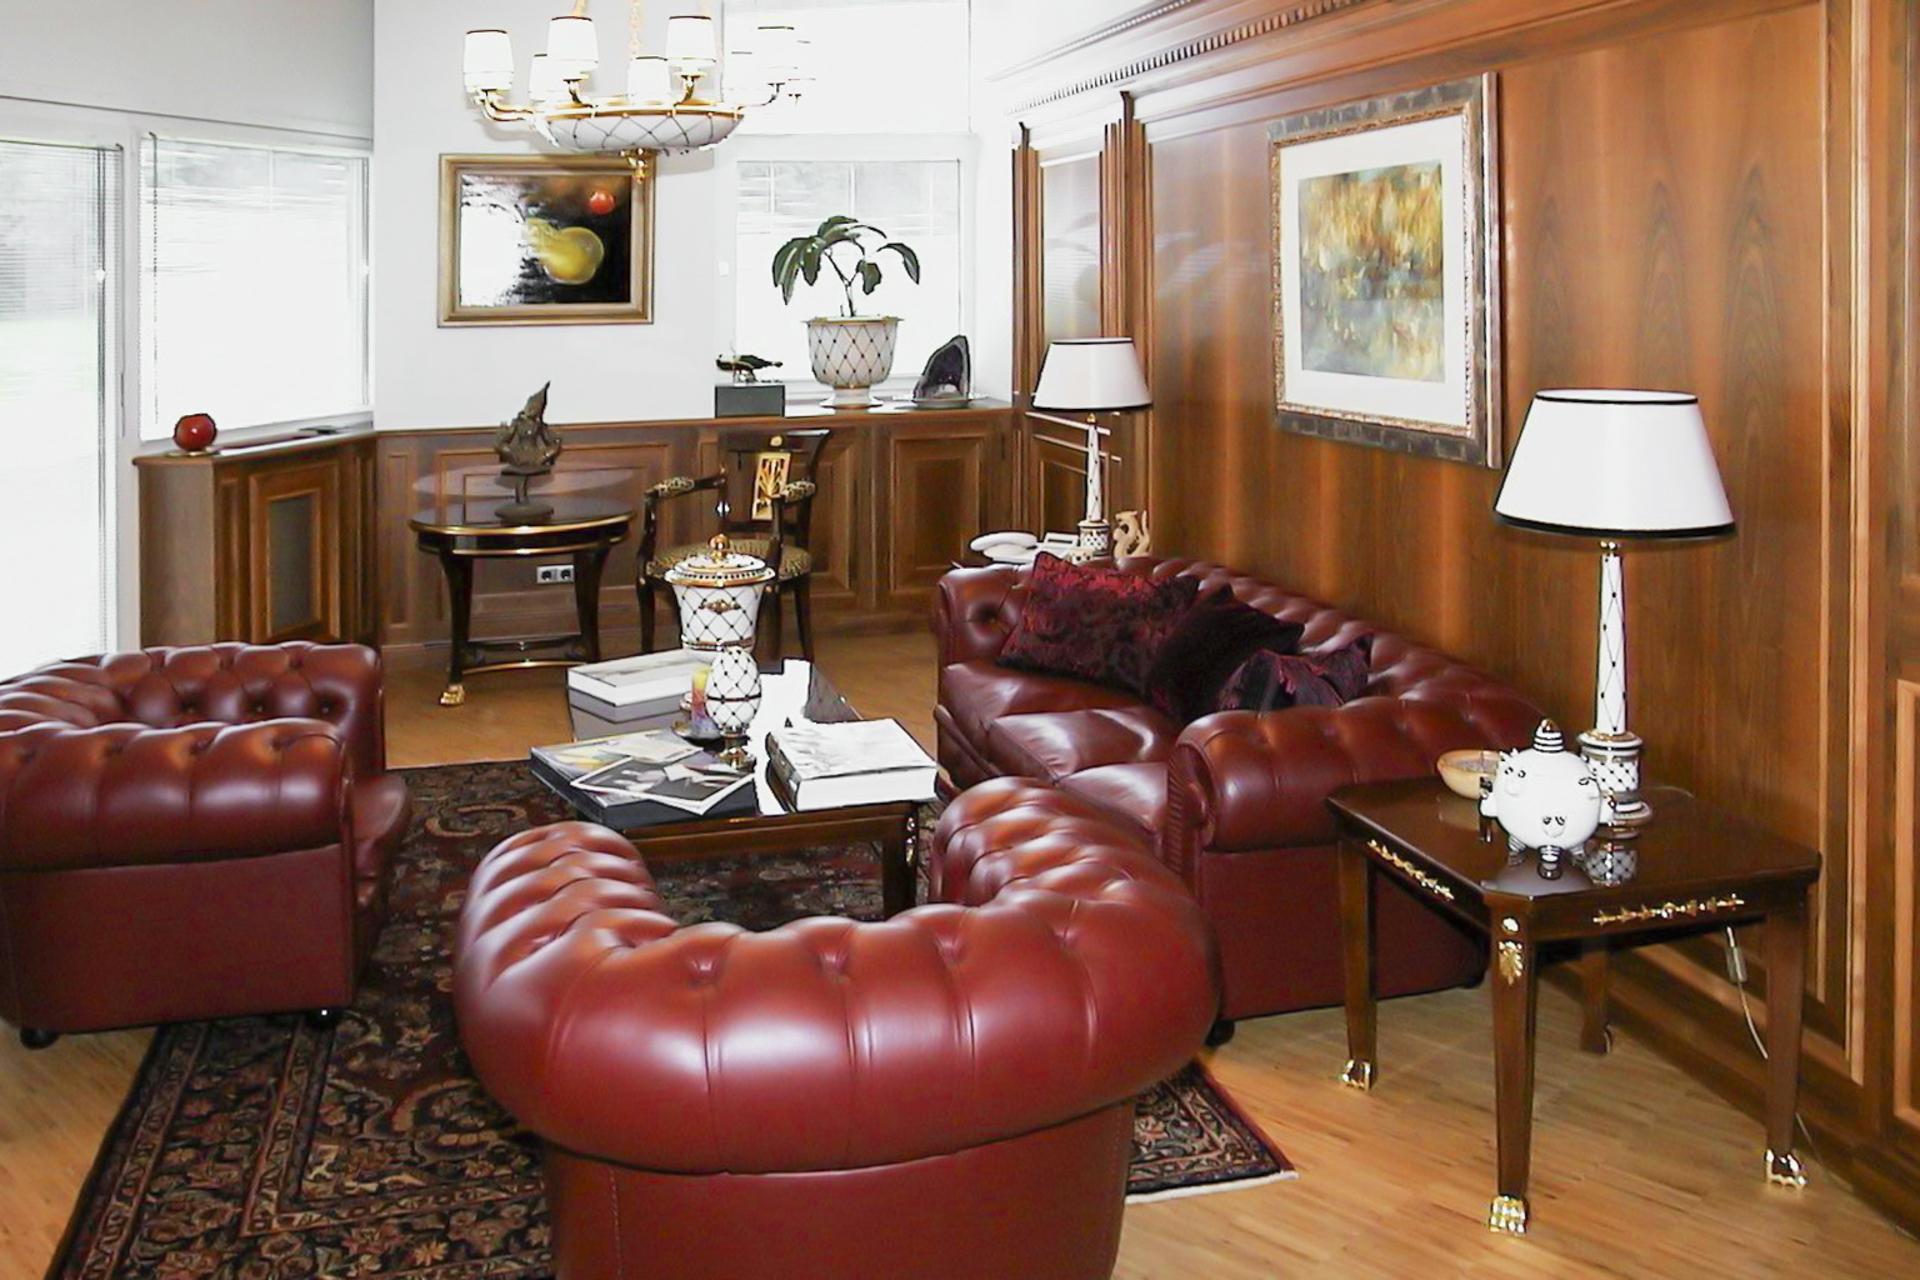 tischlerei-decker-ktw-chef-kolonialstil-chesterfield-sofa